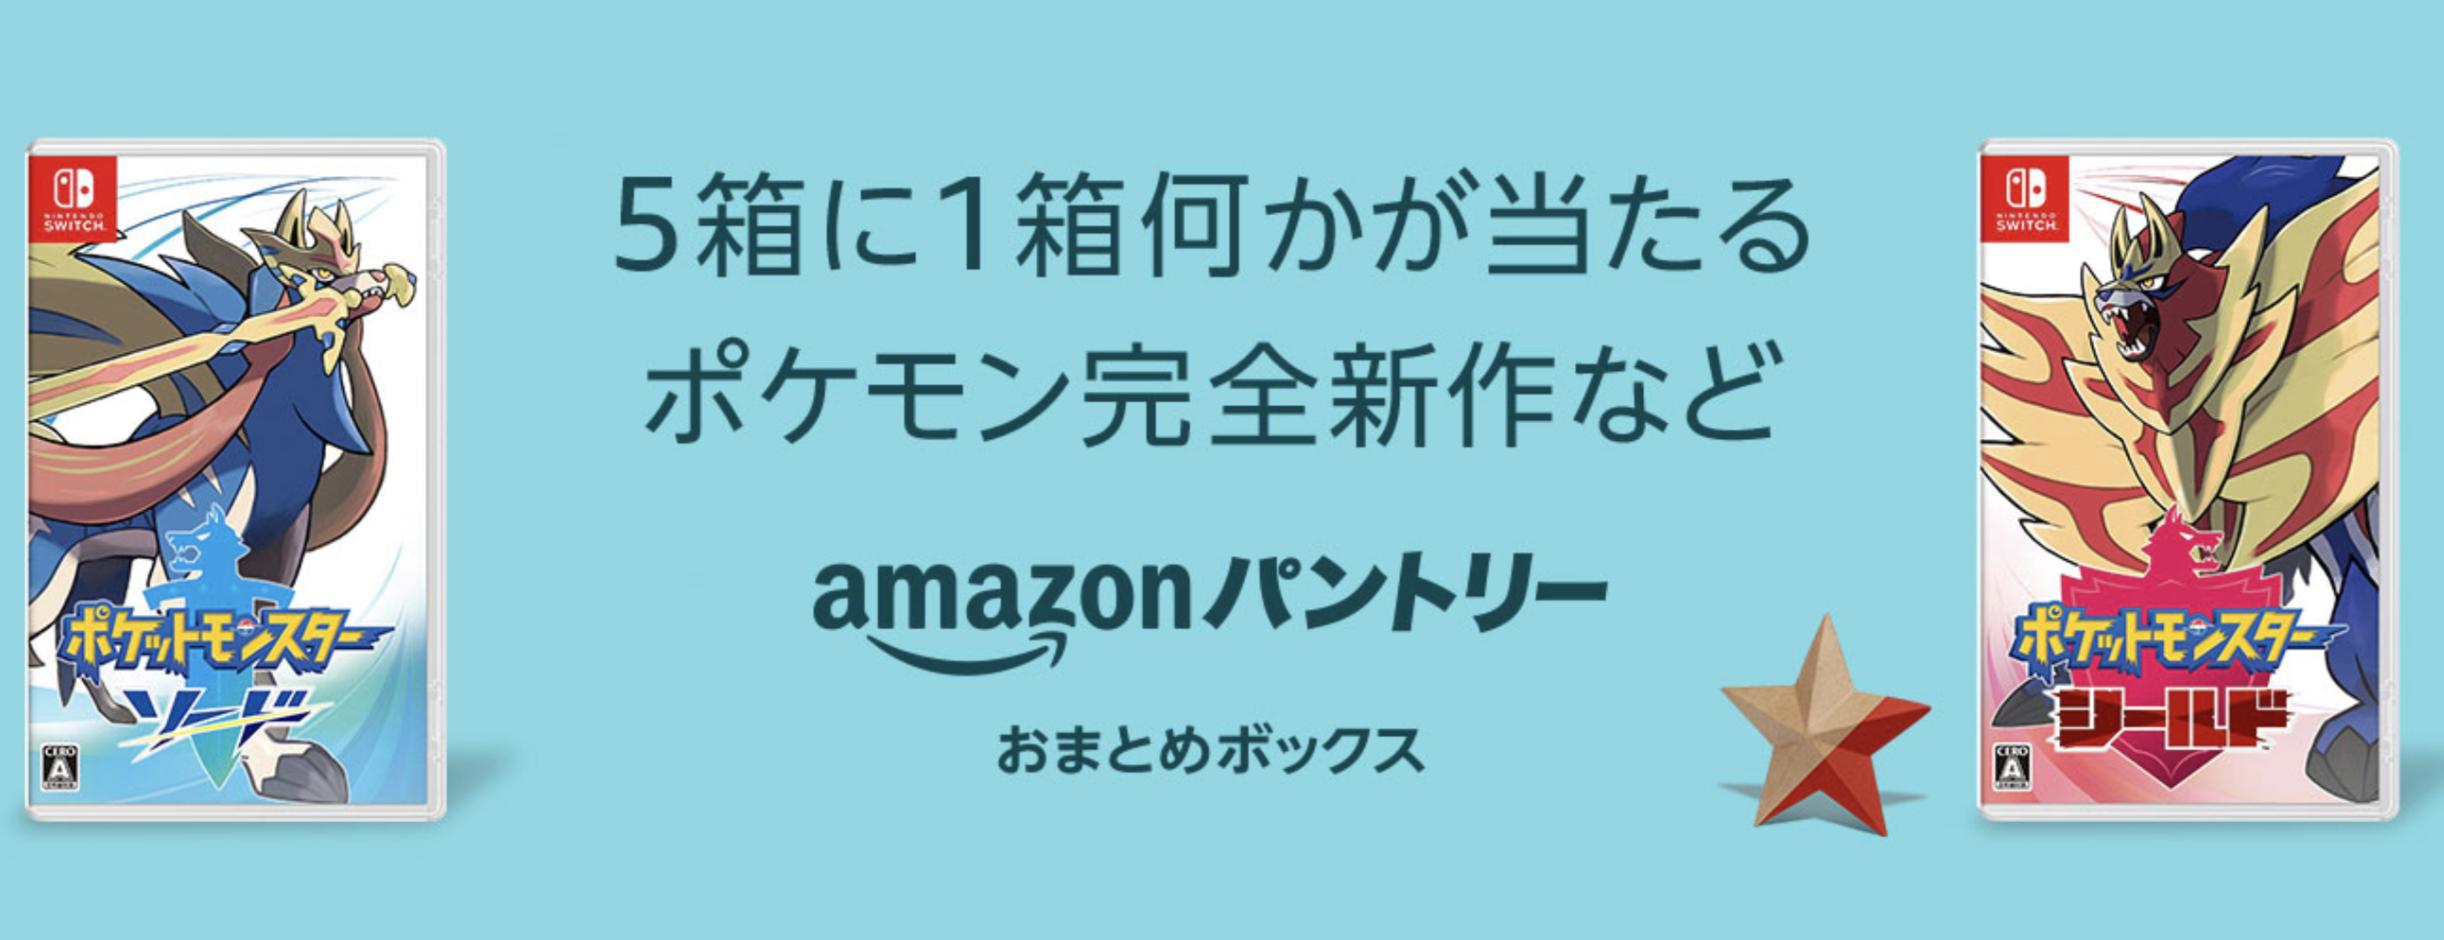 ポケモンソードシールドが無料で手に入るチャンス!Amazonのミステリーボックスで完全新作を狙おう!